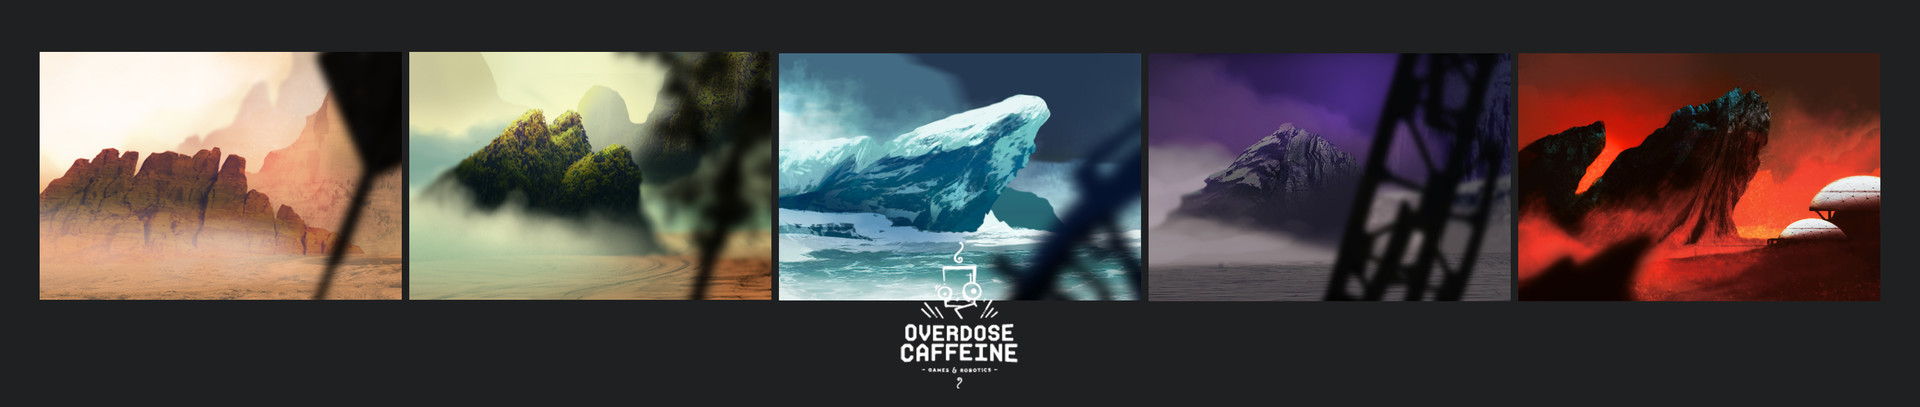 Burak cinar antartic11